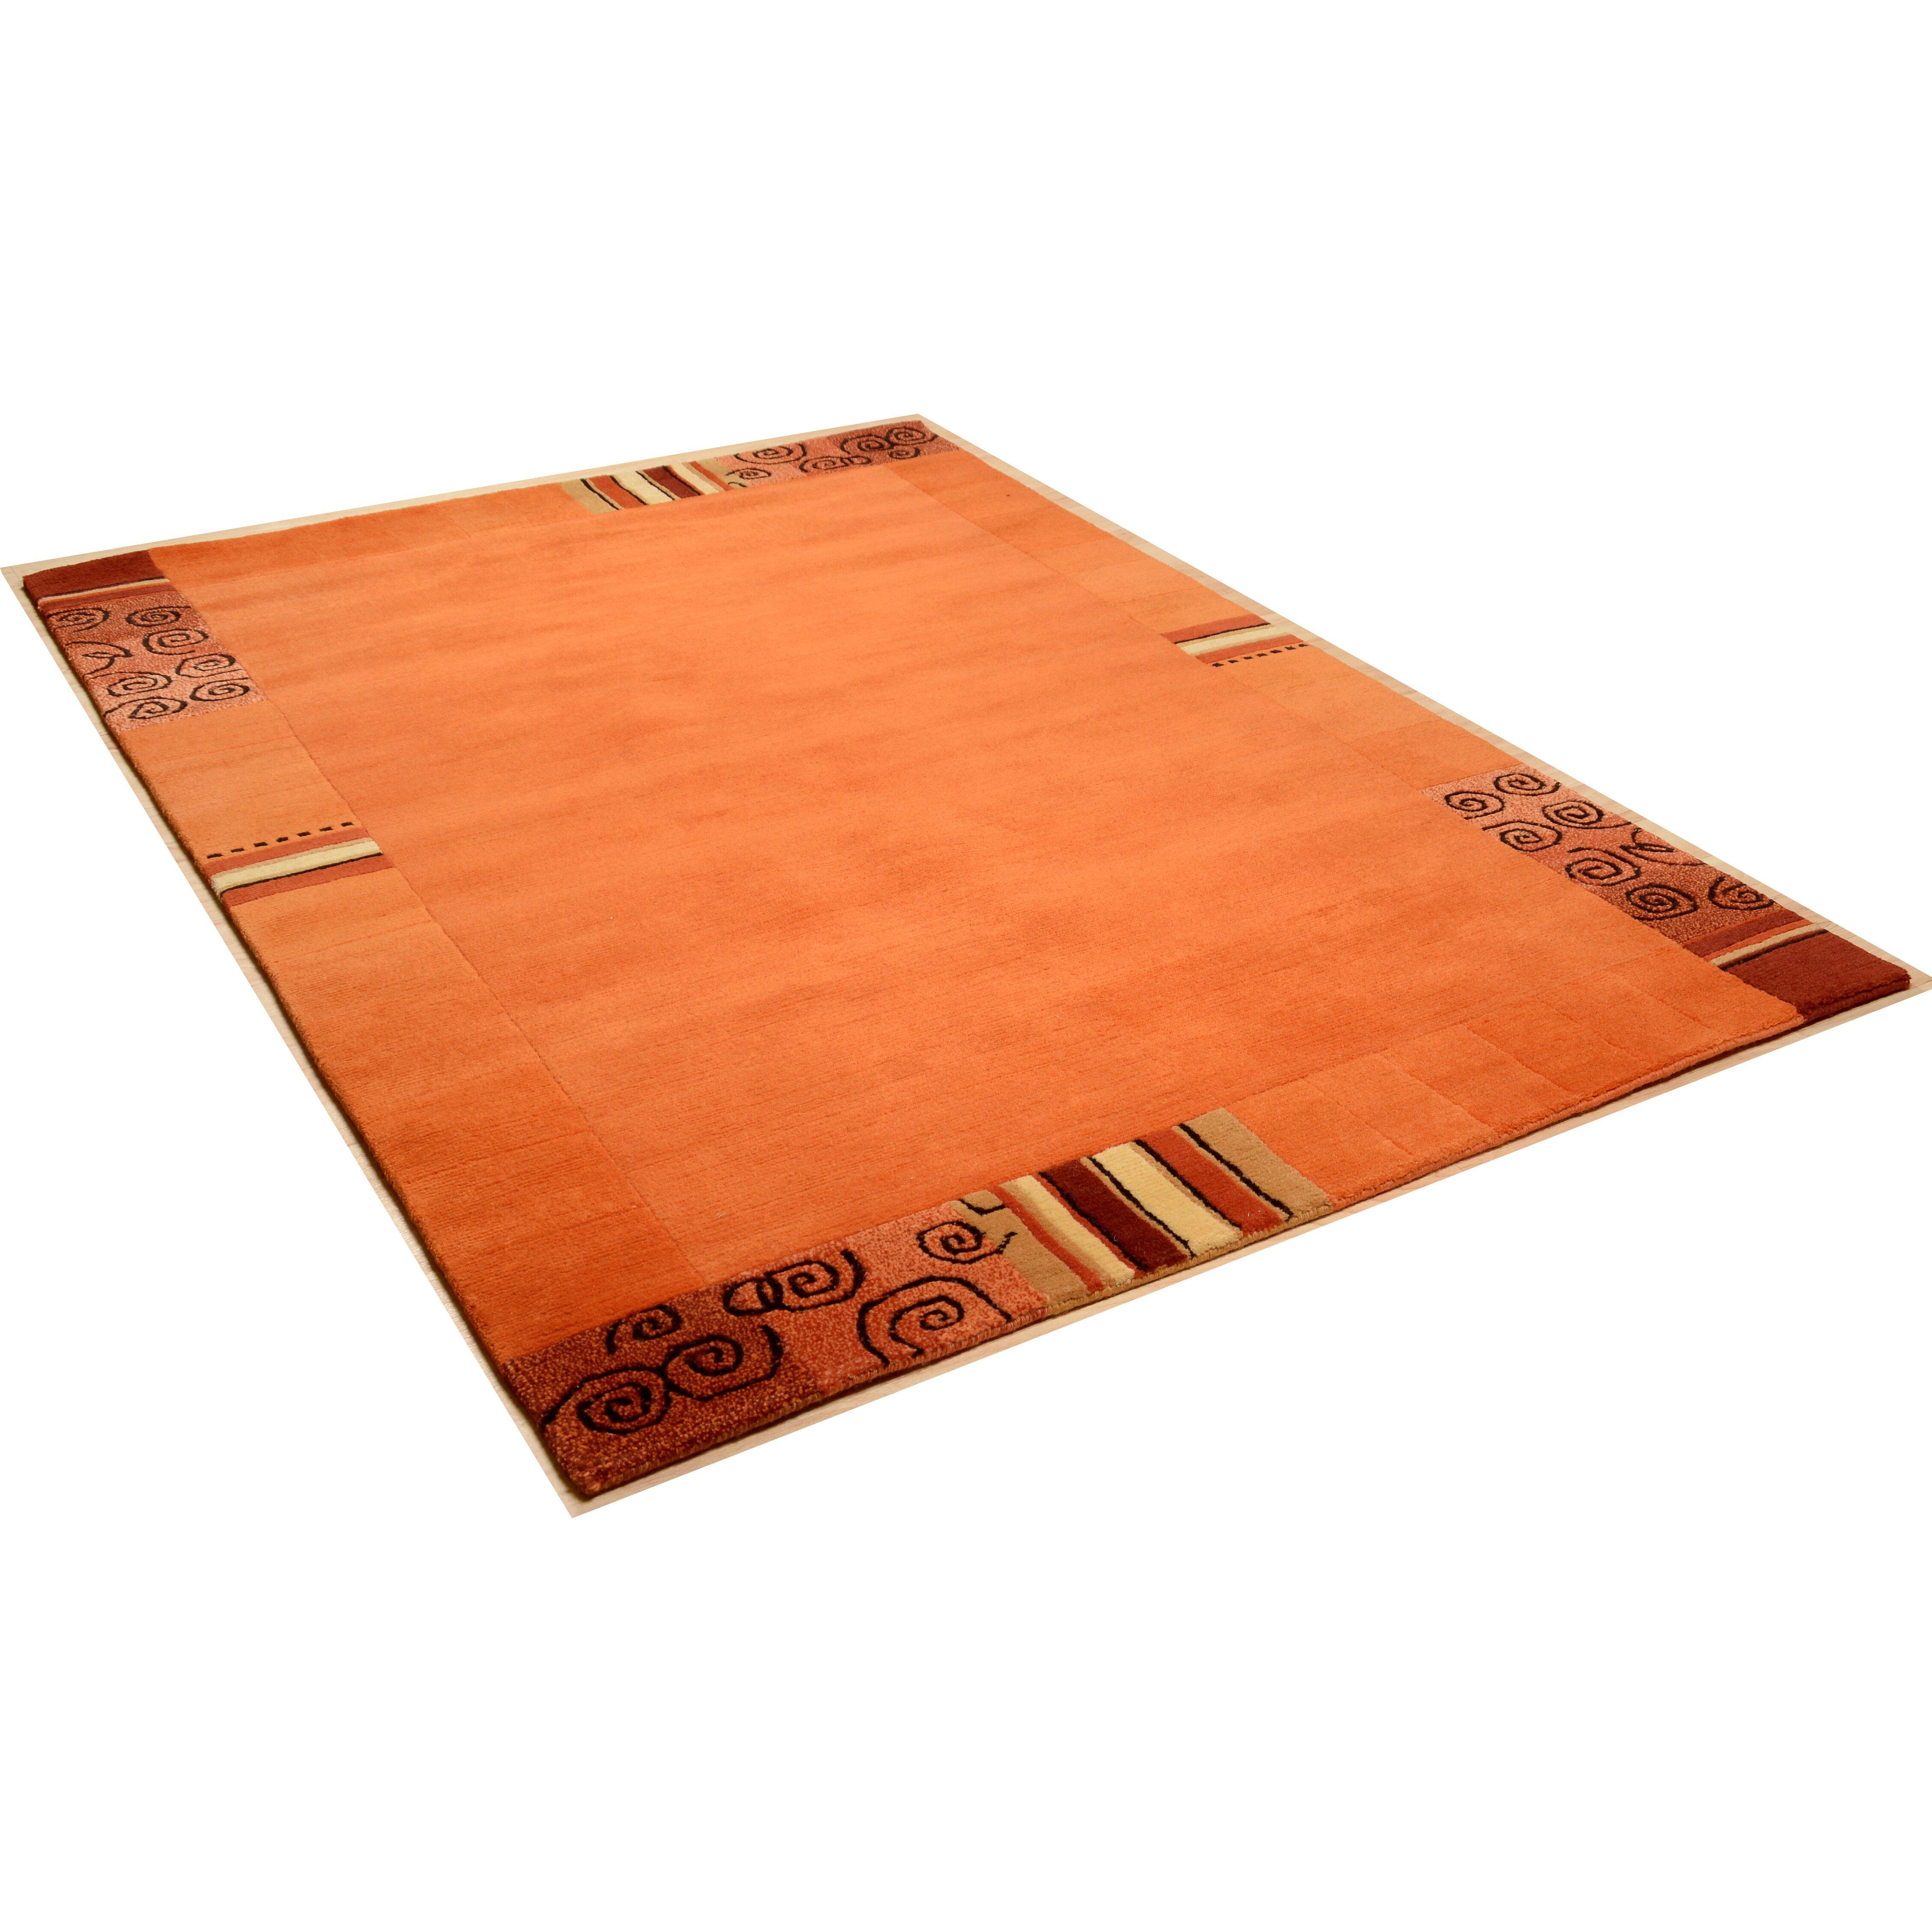 Theko Handgeknüpfter Teppich Everest in Orange